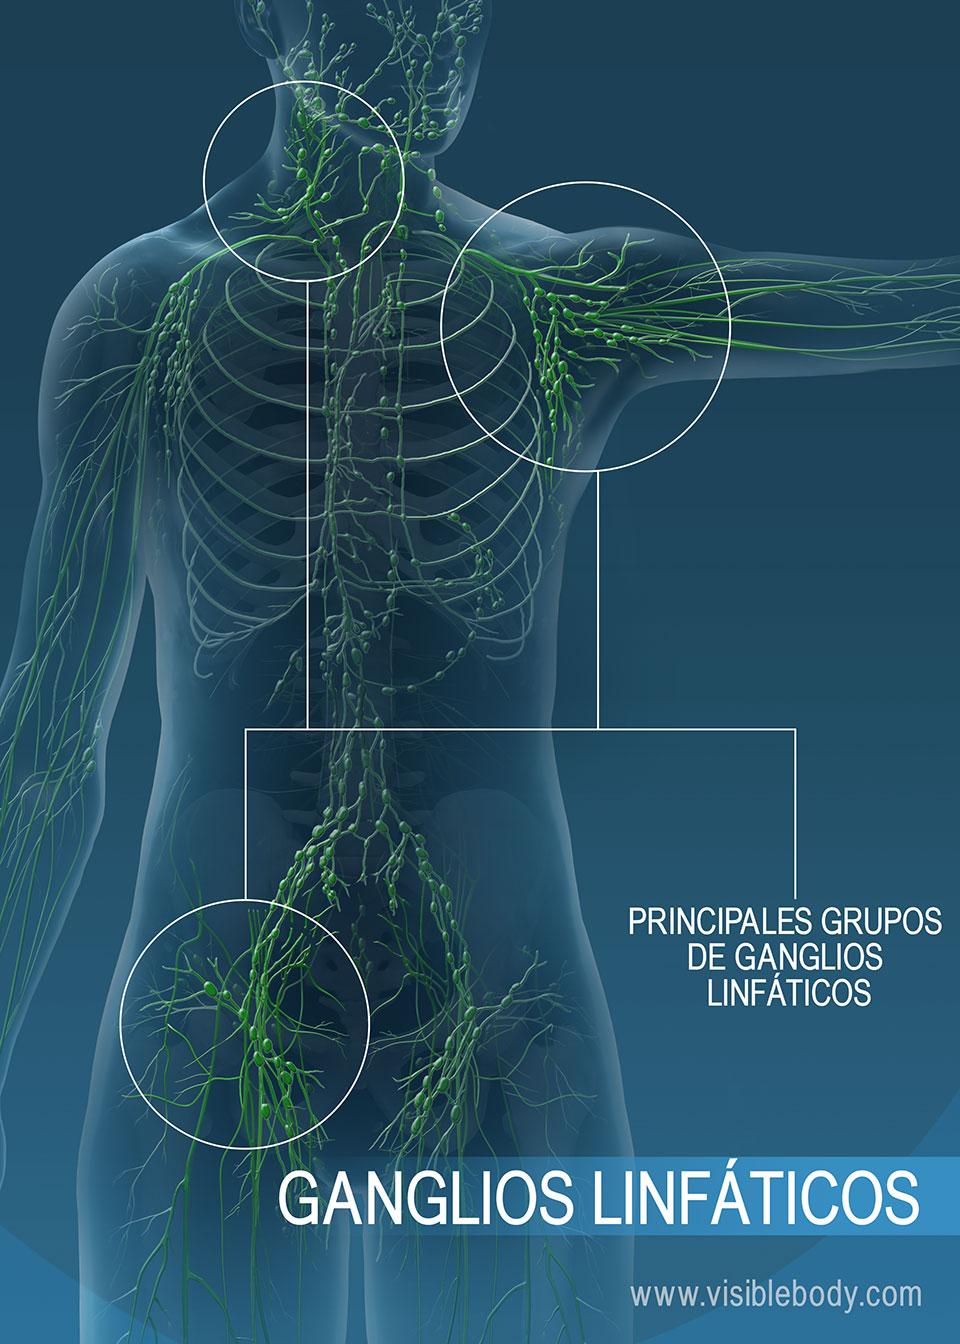 Los ganglios linfáticos ayudan a filtrar sustancias indeseadas de la linfa.